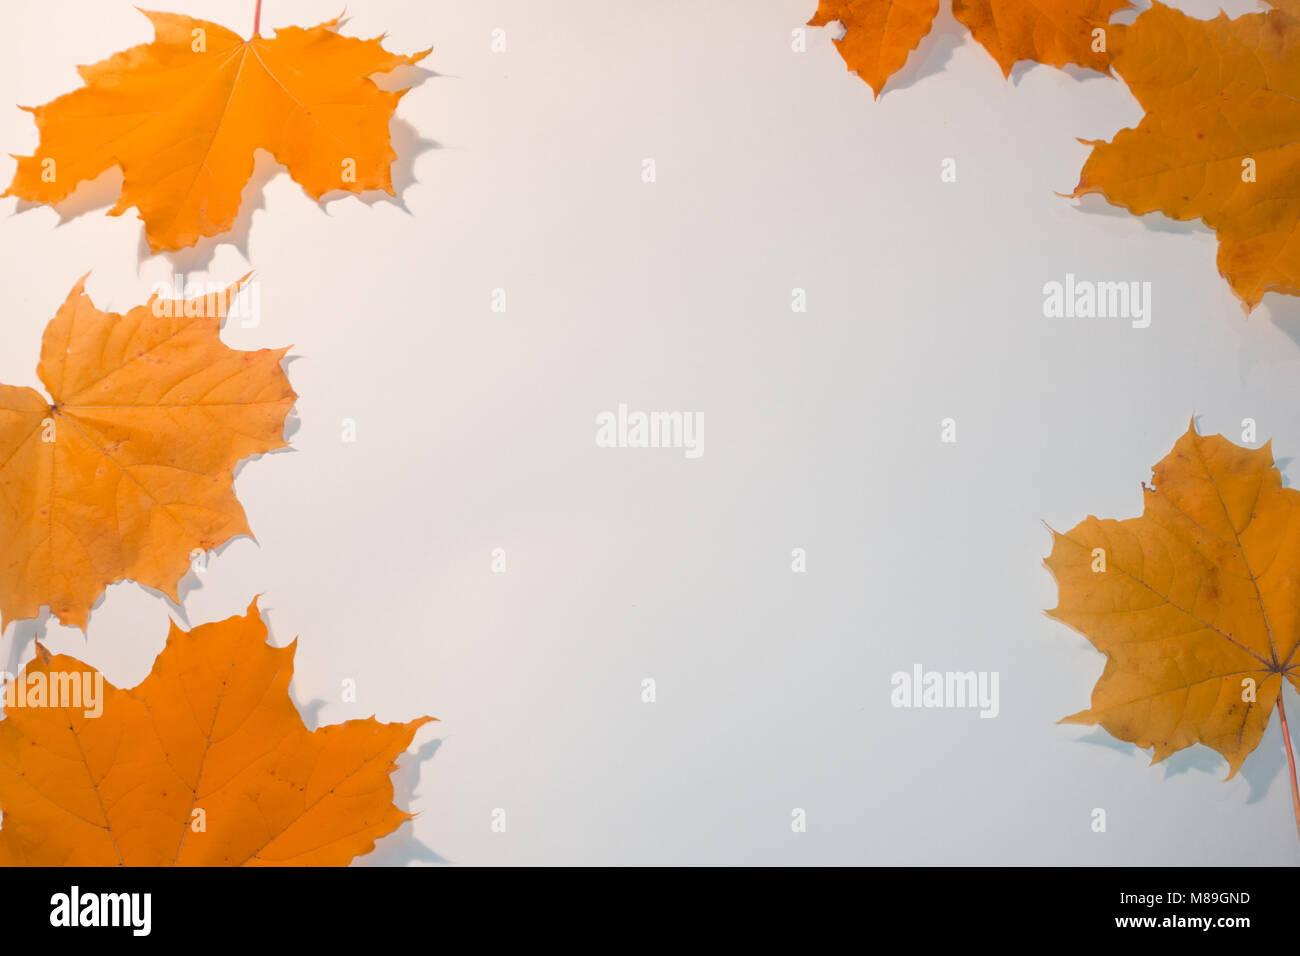 Bunte orange Ahornblätter mit Copy space frame. Stockfoto